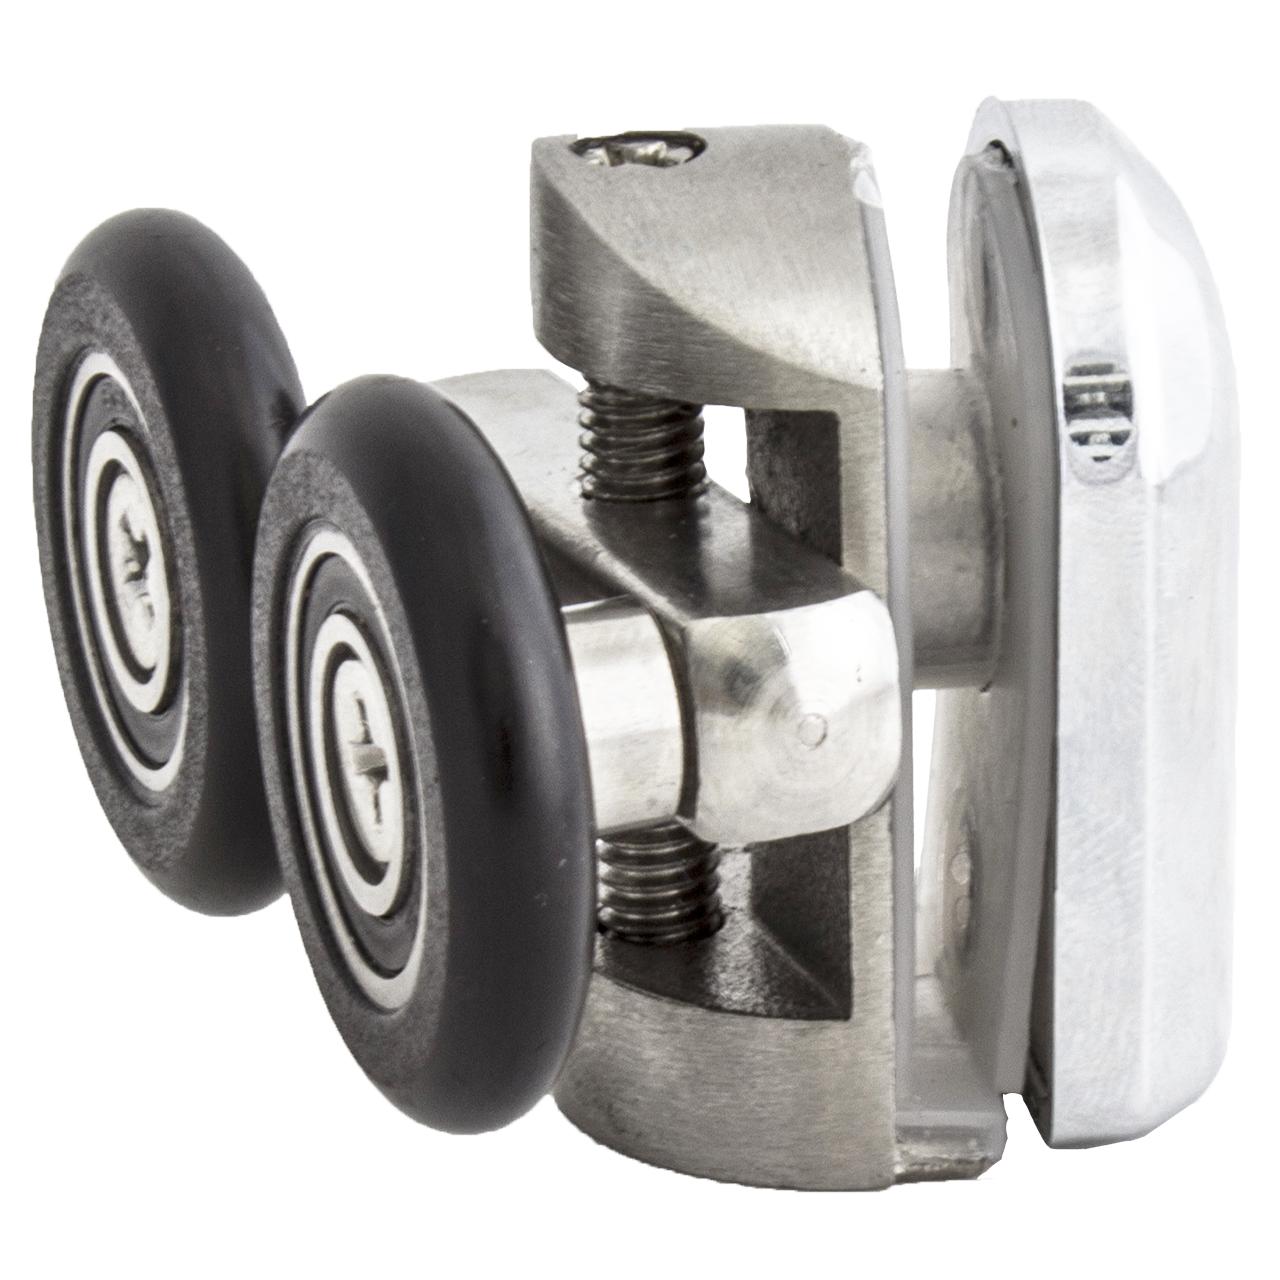 Ролик душової кабіни подвійний, верхній, металевий, нержавійка ( N-43C ) 23 мм